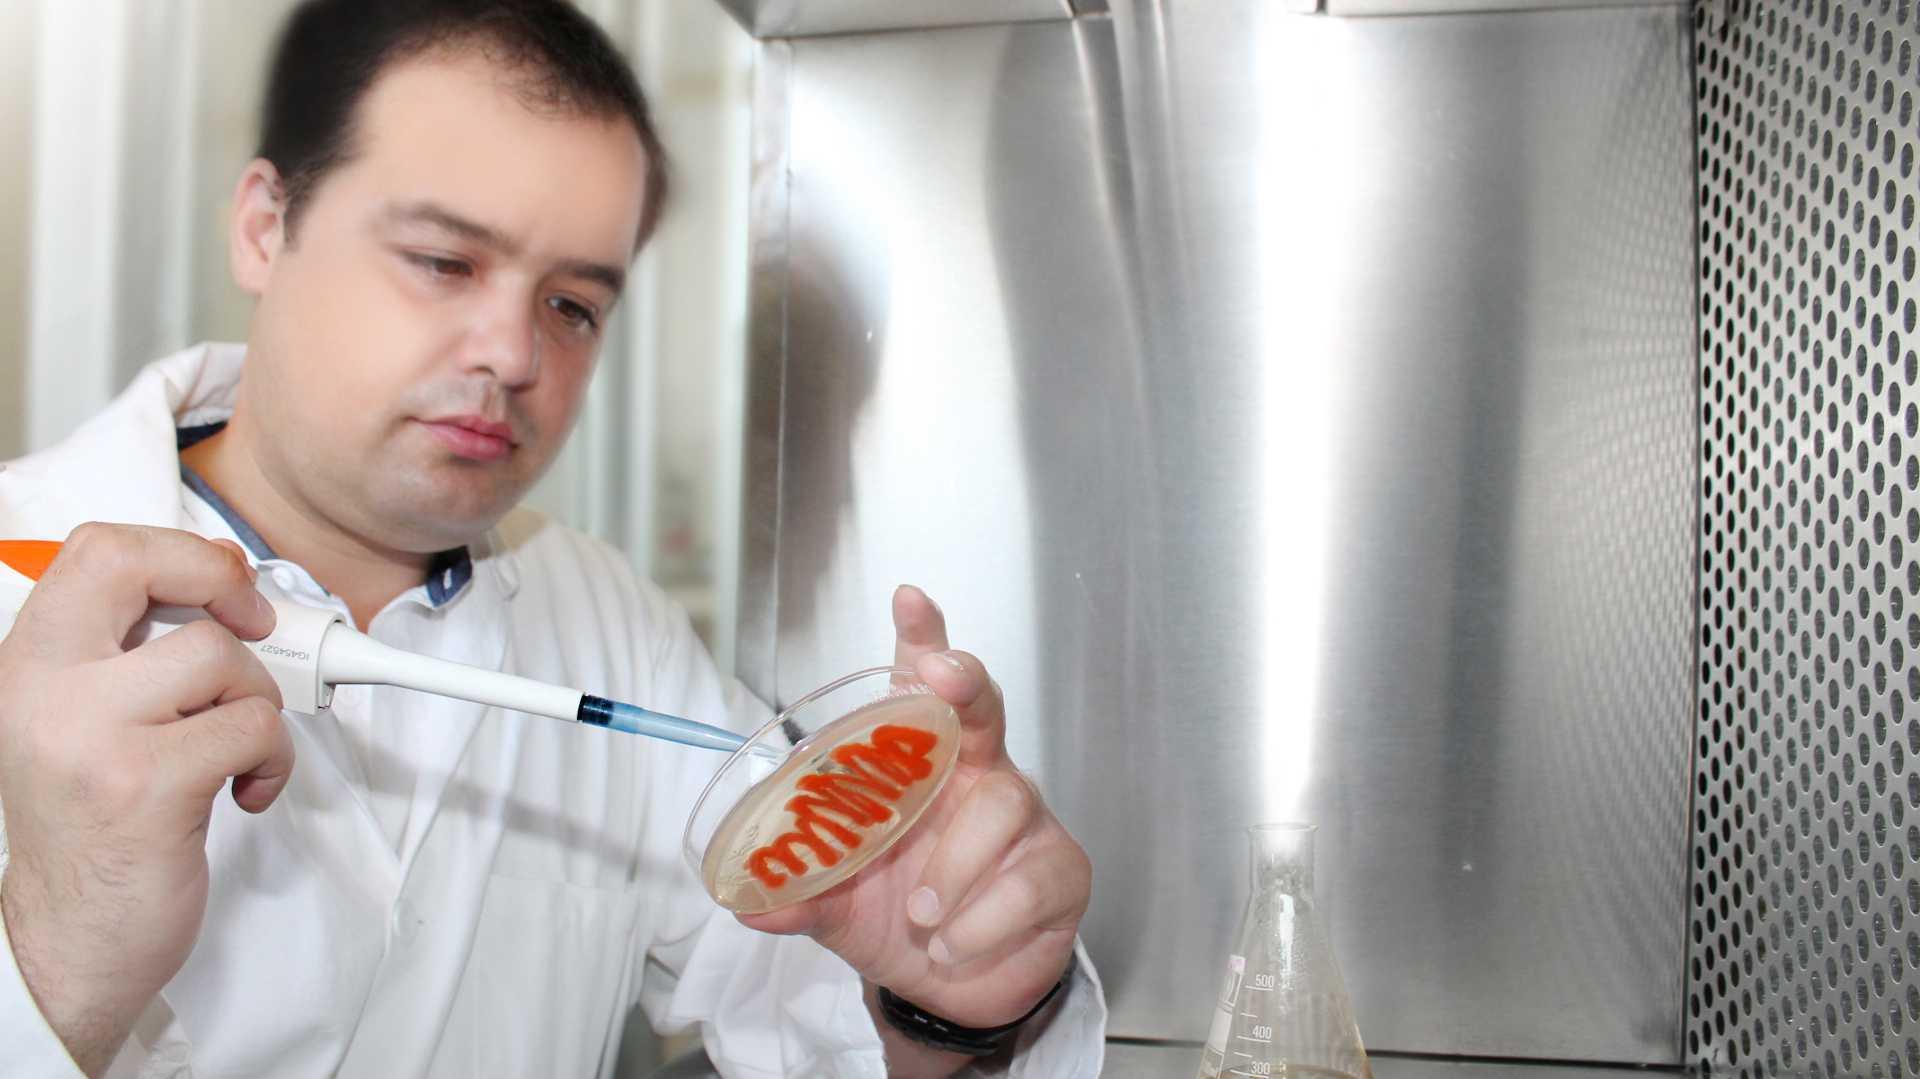 Silber macht Antibiotika wirksamer